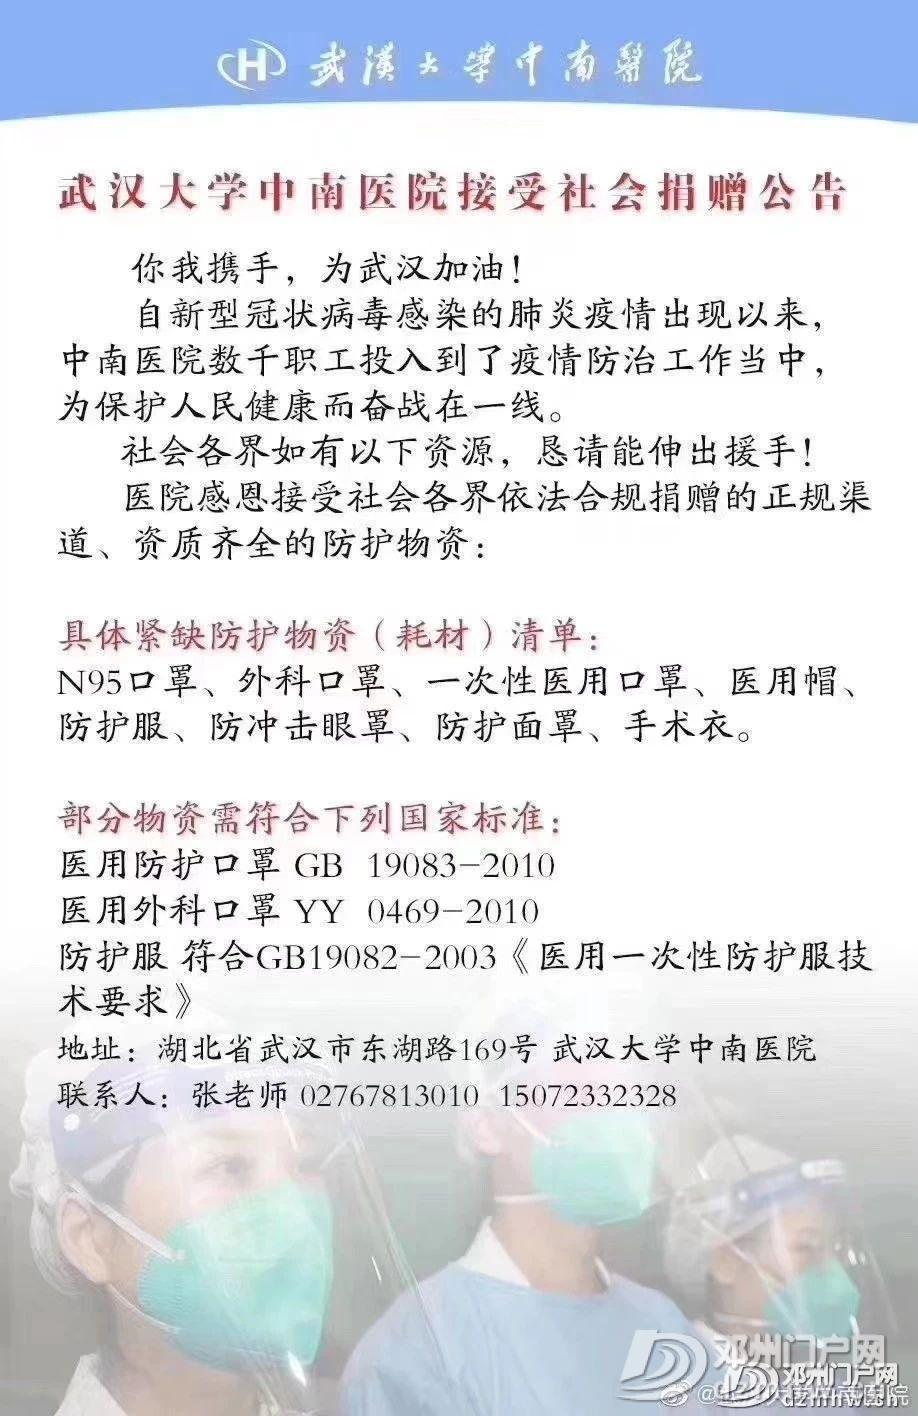 武汉医生向全国发出声嘶力竭的SOS求援信号! - 邓州门户网|邓州网 - 9569321e9f0bee65070941efd53799cf.jpg